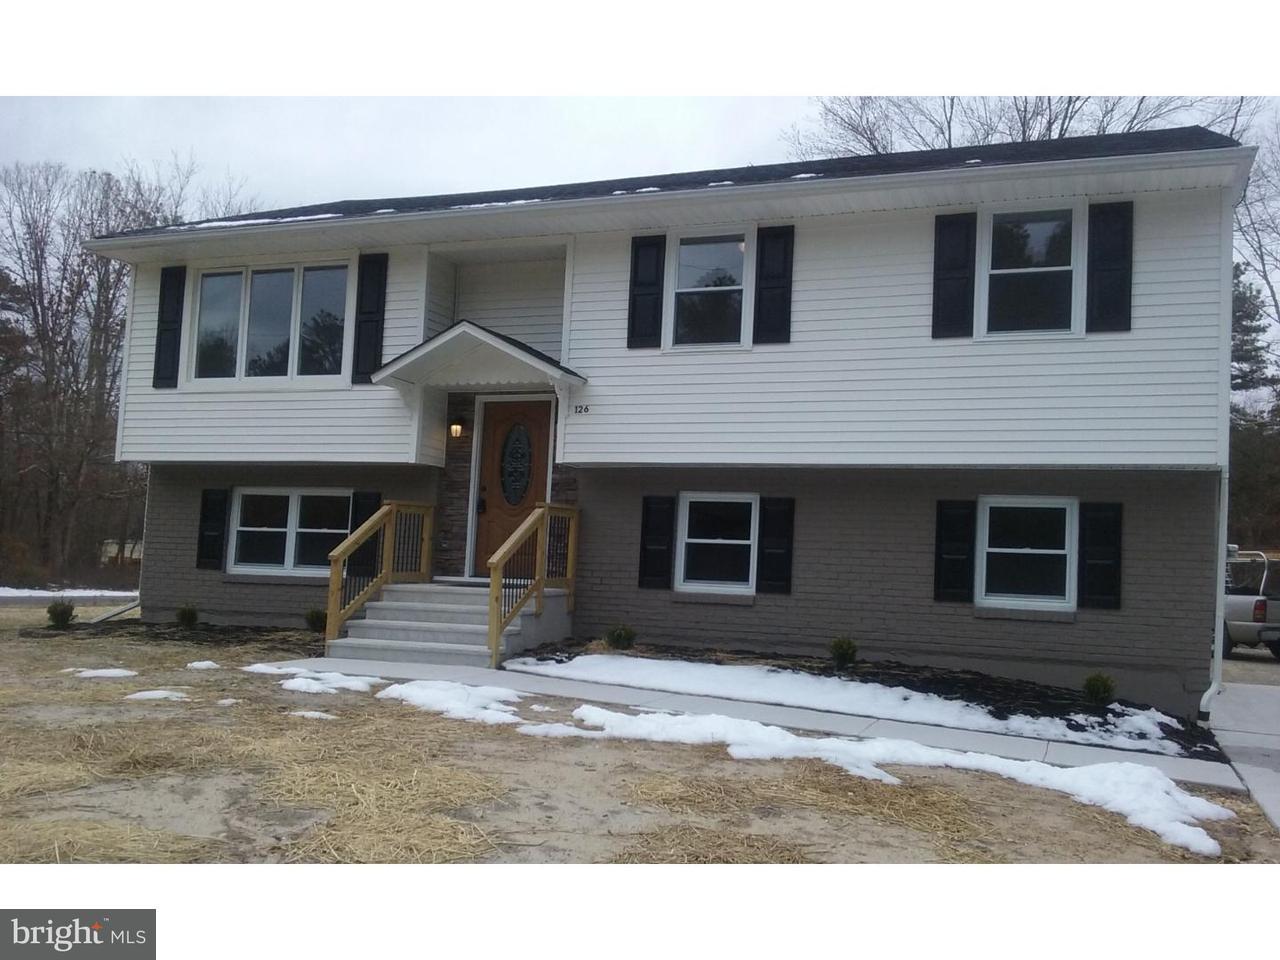 Частный односемейный дом для того Продажа на 126 RANCH Drive Buena, Нью-Джерси 08310 Соединенные Штаты